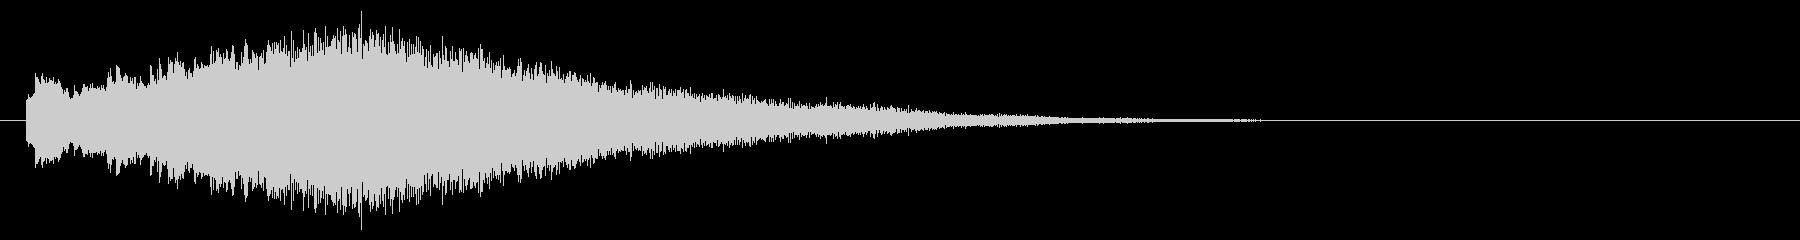 キラキラ_ベルglissの未再生の波形